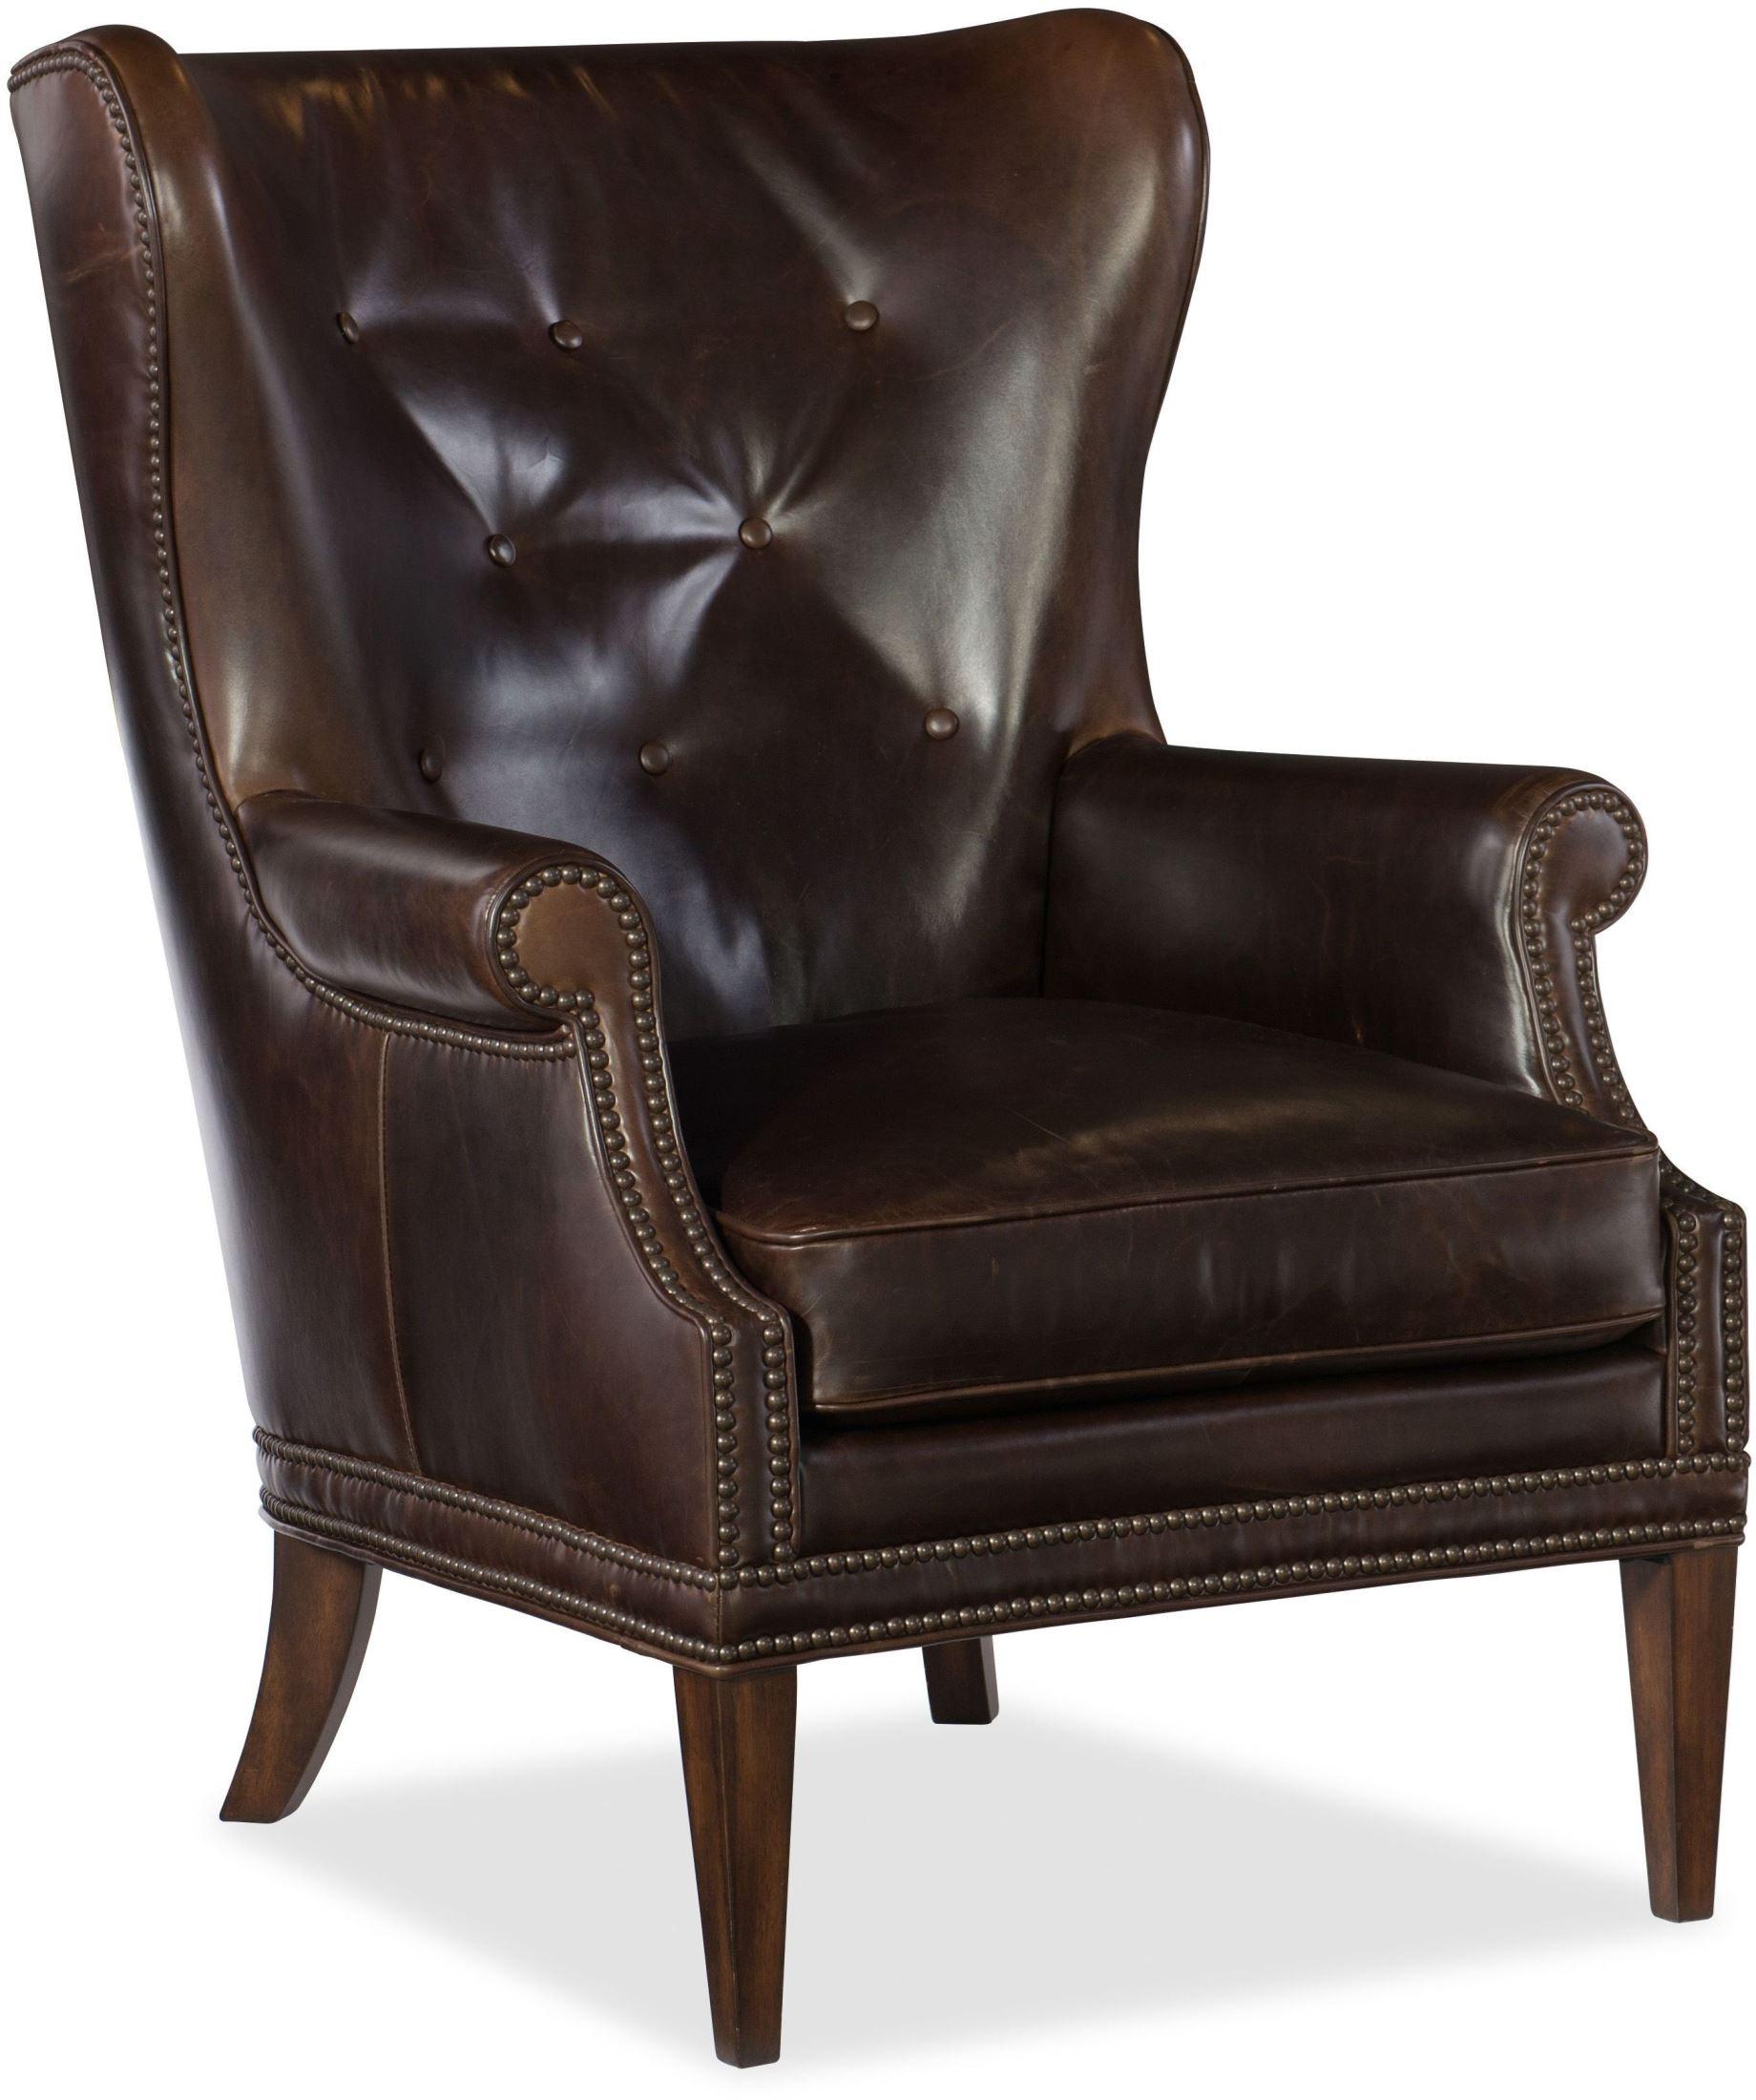 Maya Dark Brown Wing Club Chair from Hooker